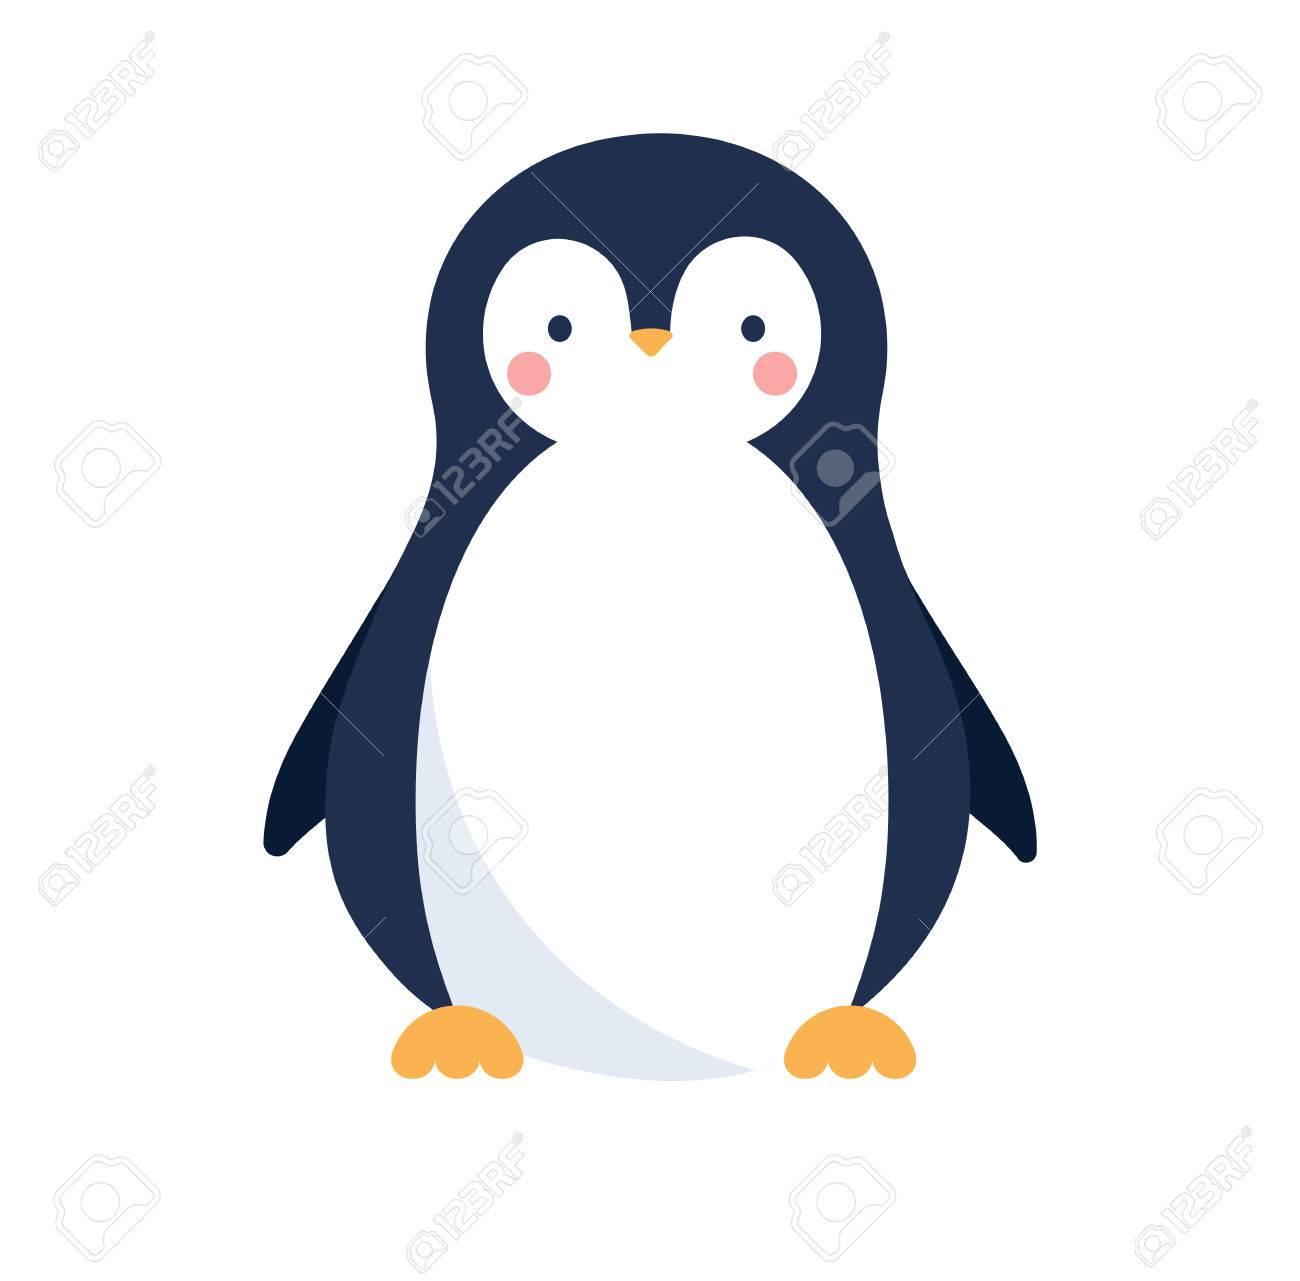 かわいいペンギンのアイコンのイラスト素材ベクタ Image 66436480